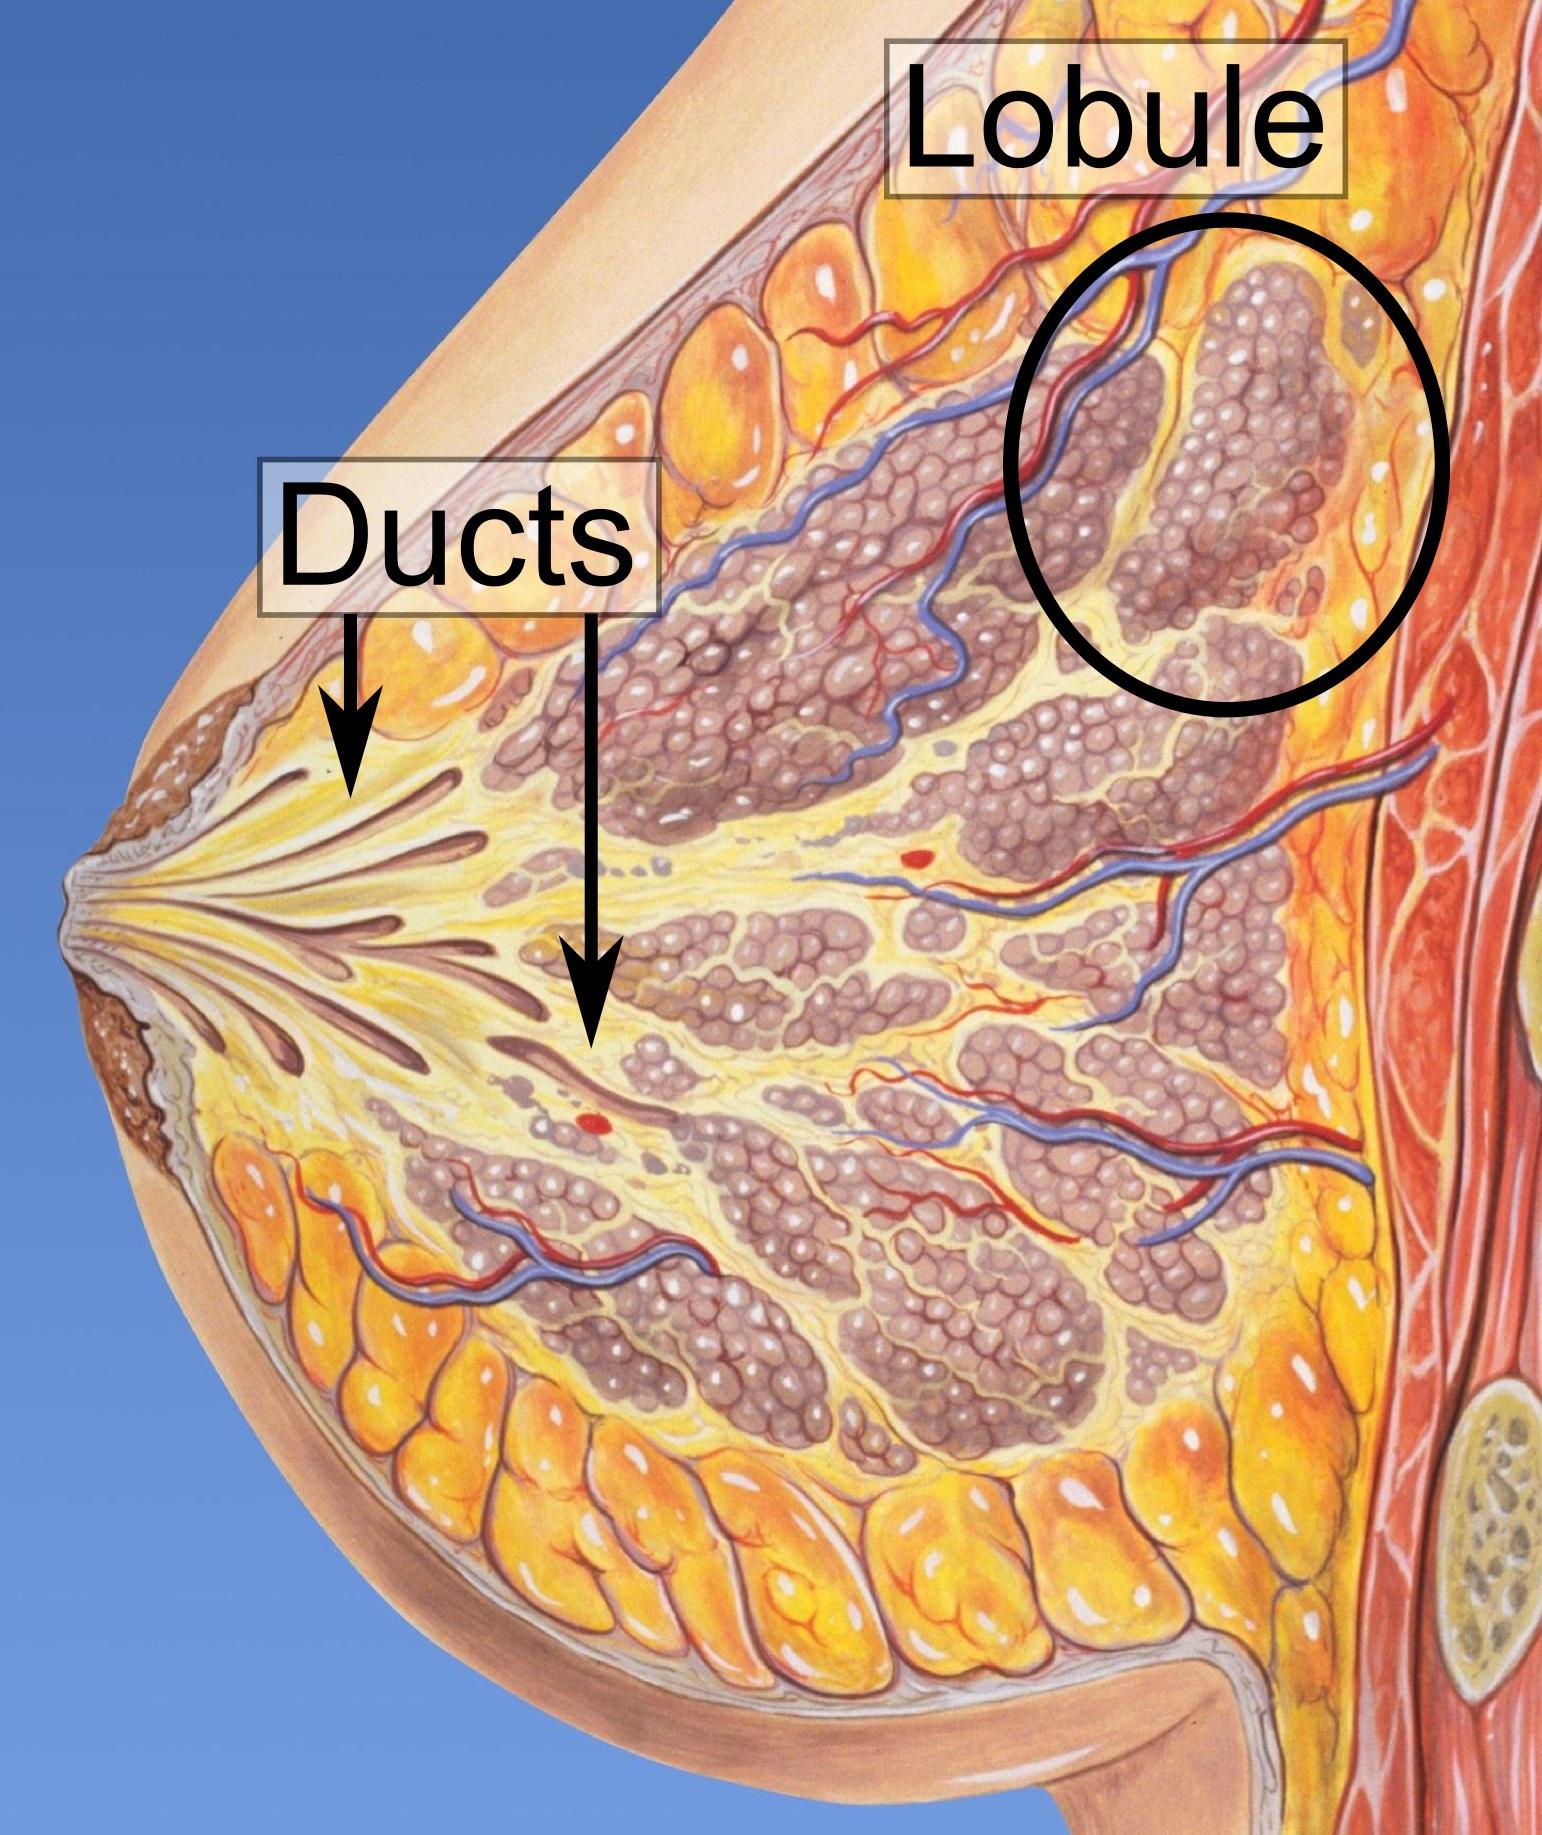 DUCTAL - Definiția și sinonimele ductal în dicționarul Engleză